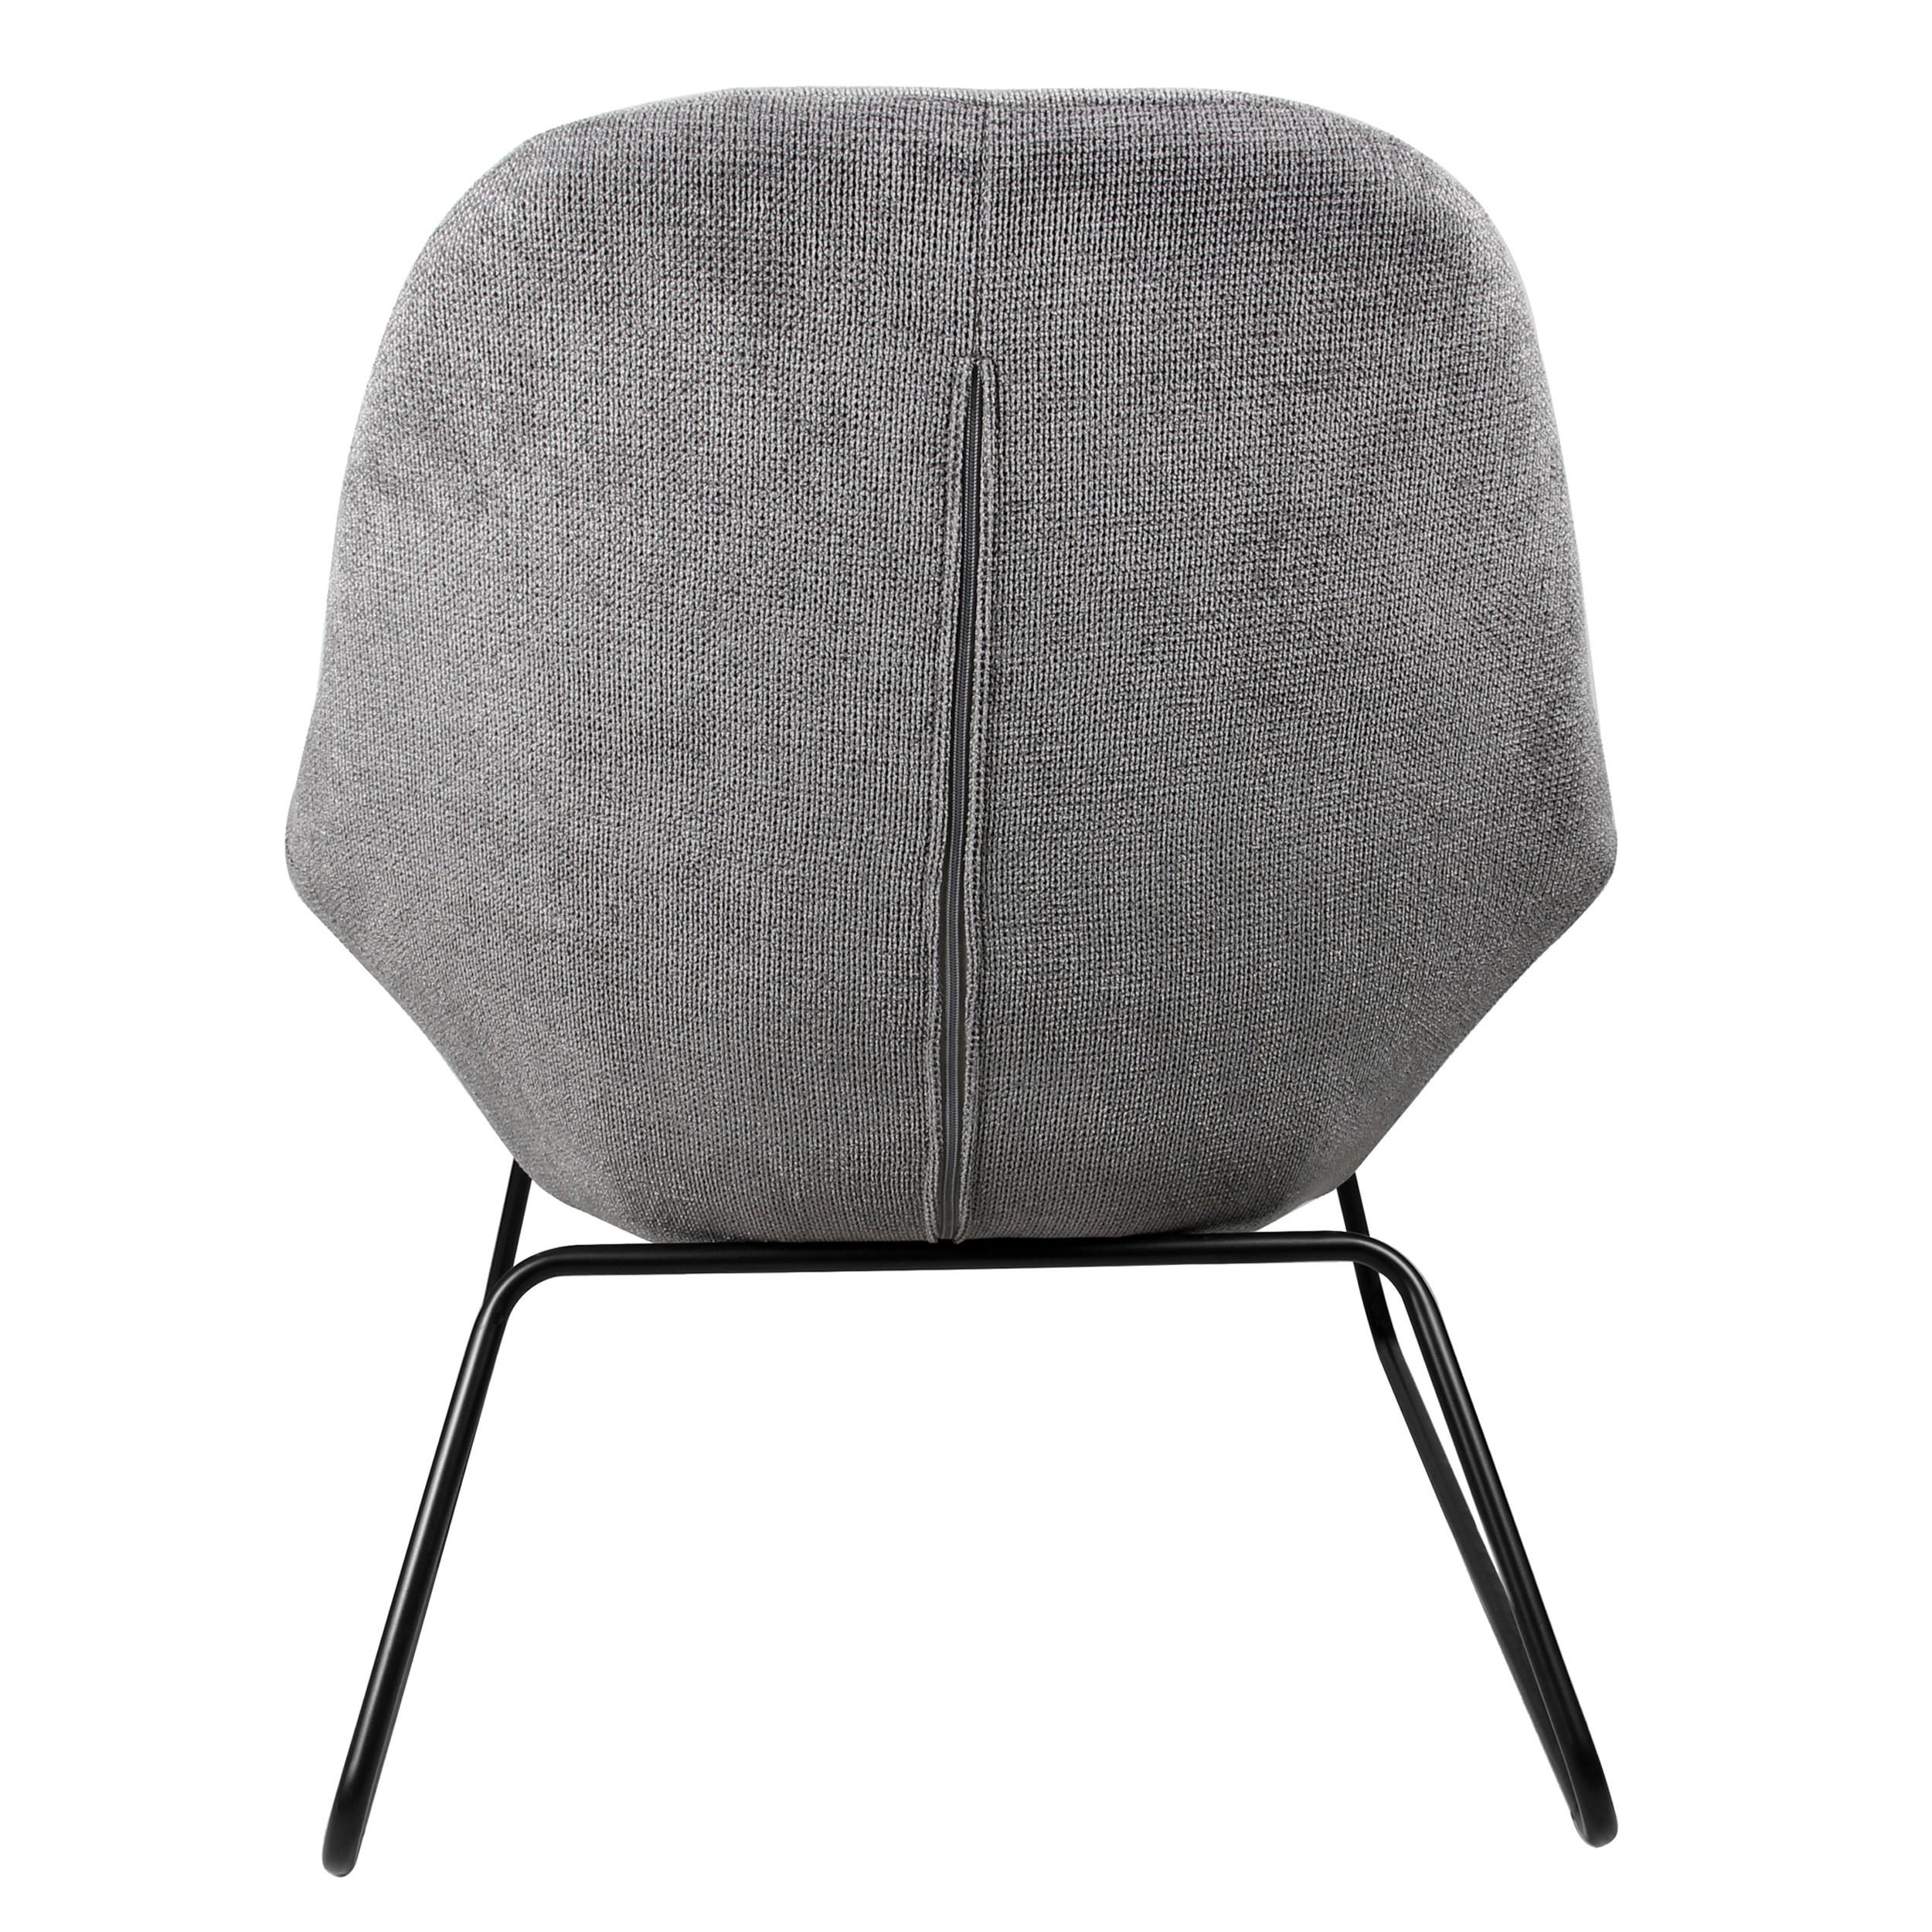 fauteuil heden gris adoptez nos fauteuils heden gris design rdv d co. Black Bedroom Furniture Sets. Home Design Ideas